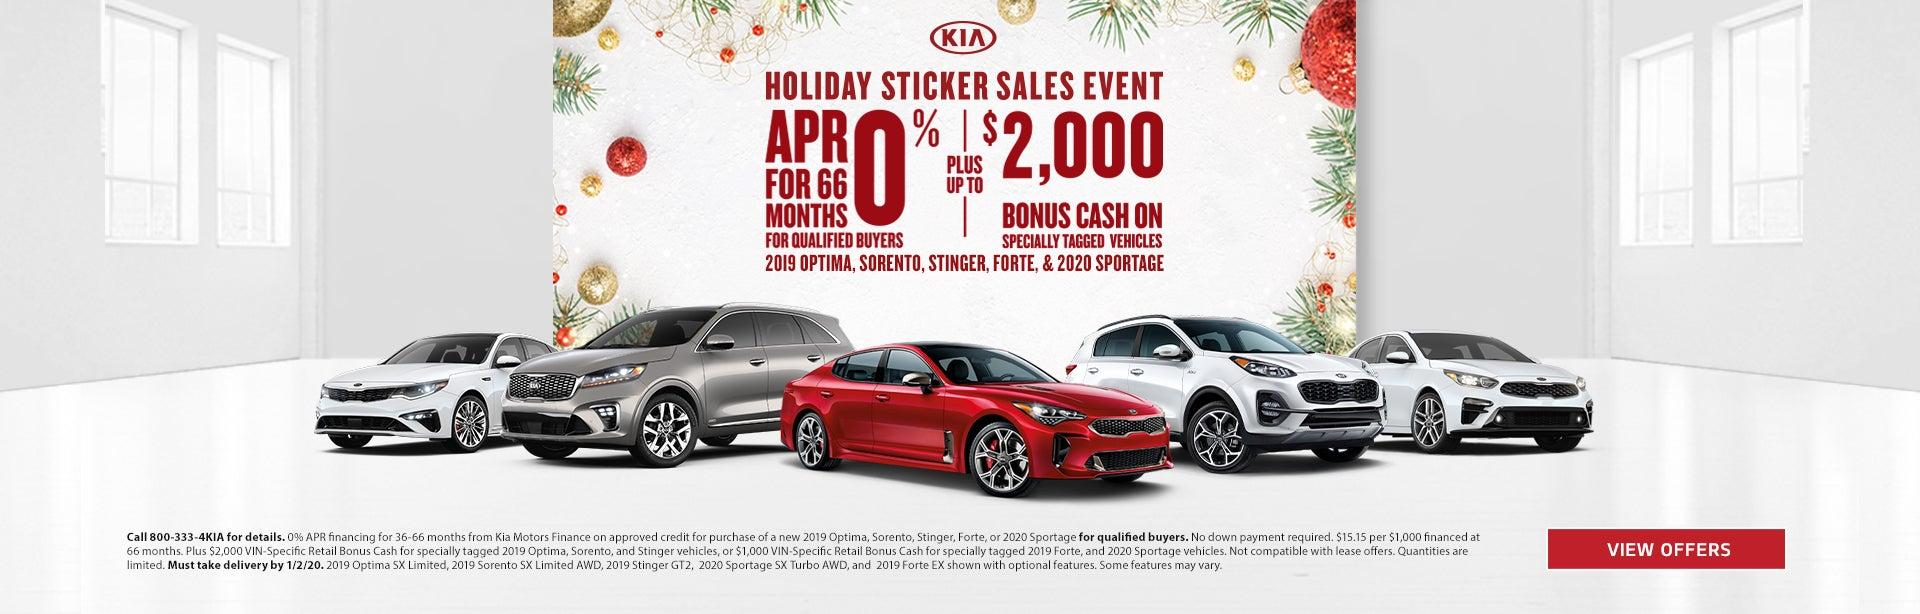 Al Serra Used Cars >> Kia Dealer In Grand Blanc Mi Used Cars Grand Blanc Kia